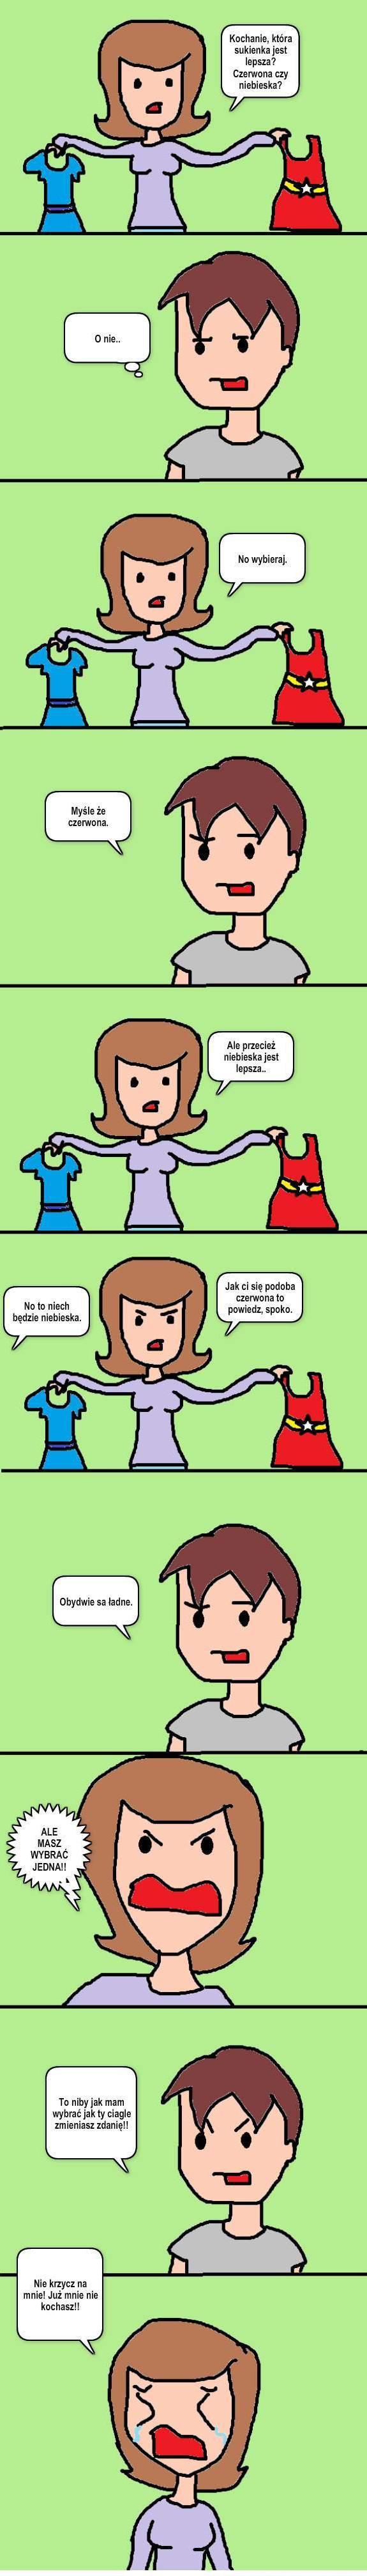 - Kochanie, która sukienka jest lepsza? Czerwona czy niebieska? - O nie... - No wybieraj. - Myślę, że czerwona. - Ale przecież niebieska jest lepsza... - No to niech będzie niebieska - Jak ci się podoba czerwona to powiedz, spoko. - Obydwie są ładne. - Ale masz wybrać jedną!!! - To niby jak mam wybrać, jak ty ciągle zmieniasz zdanie!! - Nie krzycz na mnie!! Już mnie nie kochasz!!